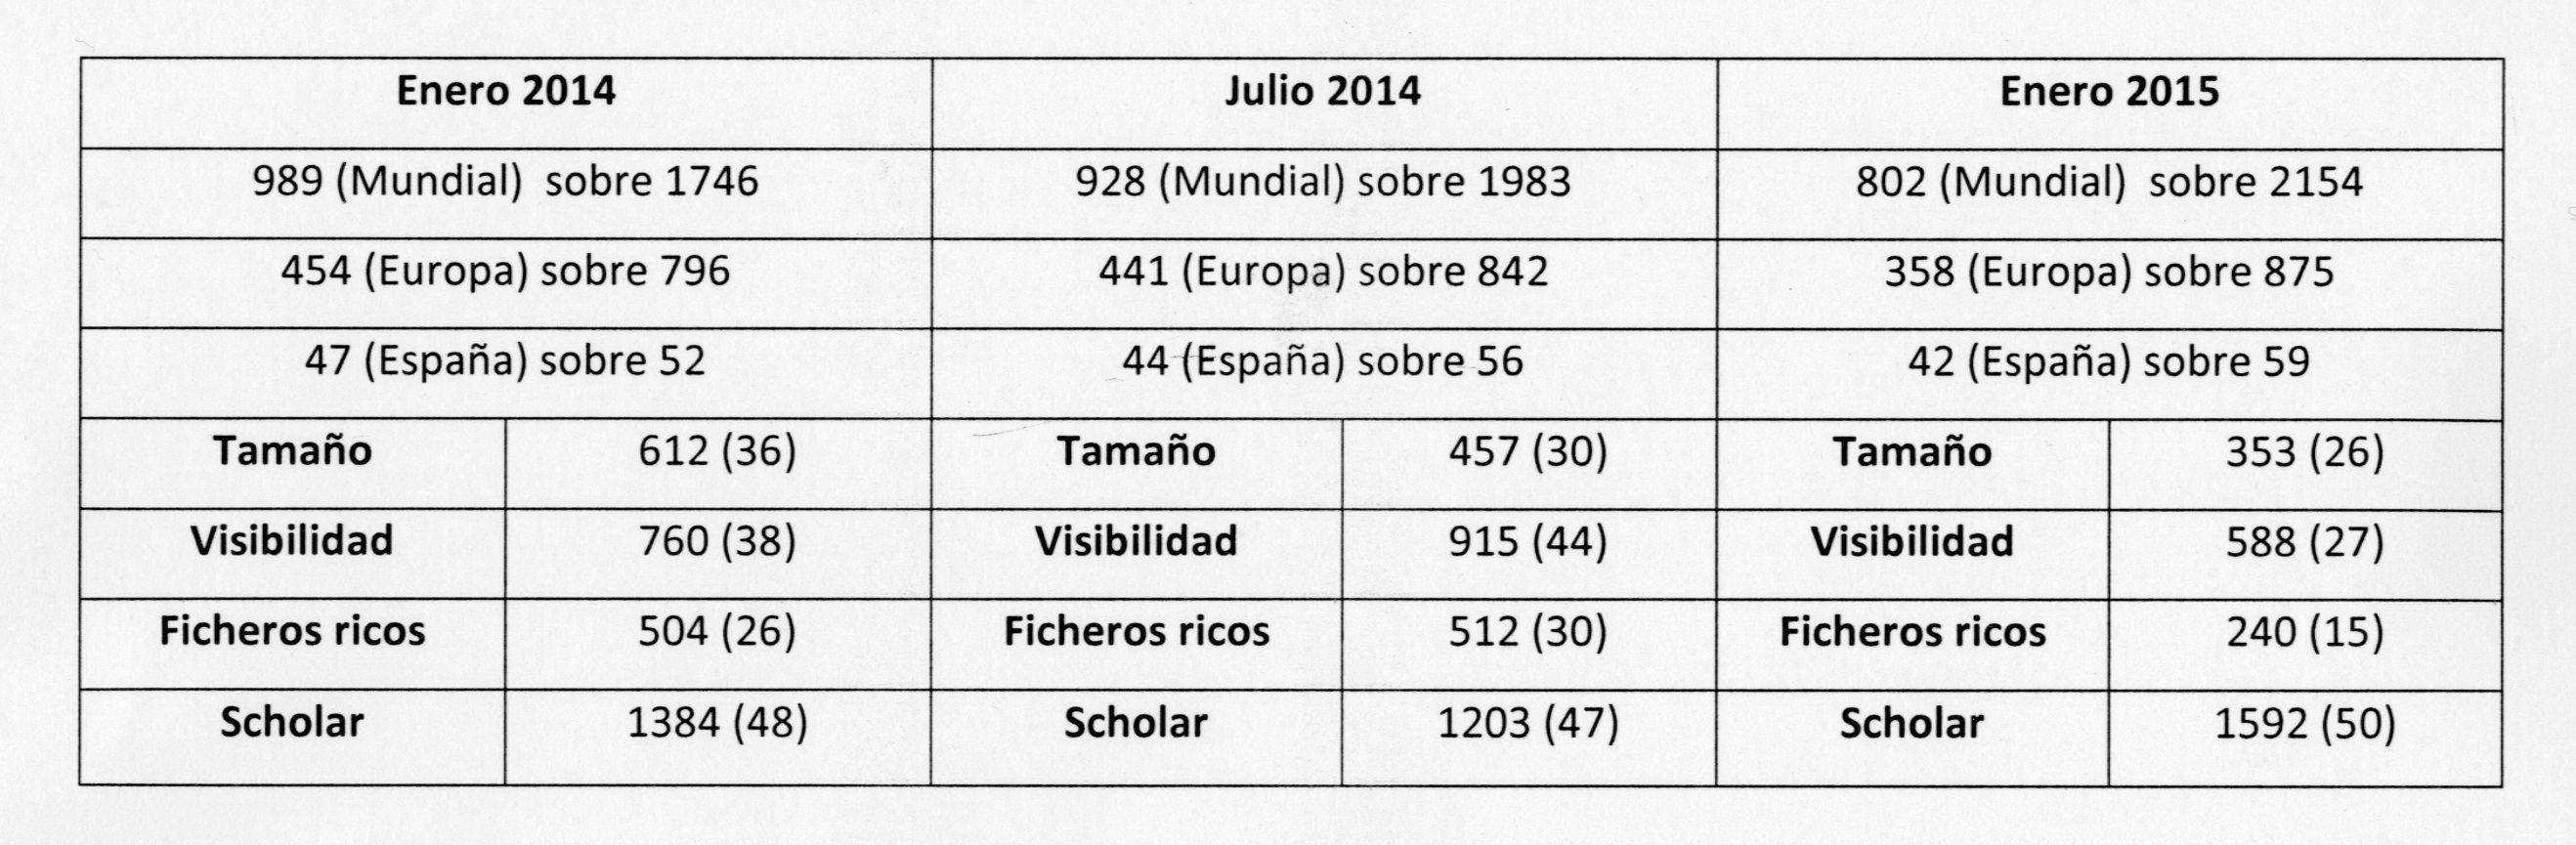 CEU Repositorio Institucional en el Ranking Web de Repositorios Enero 2015